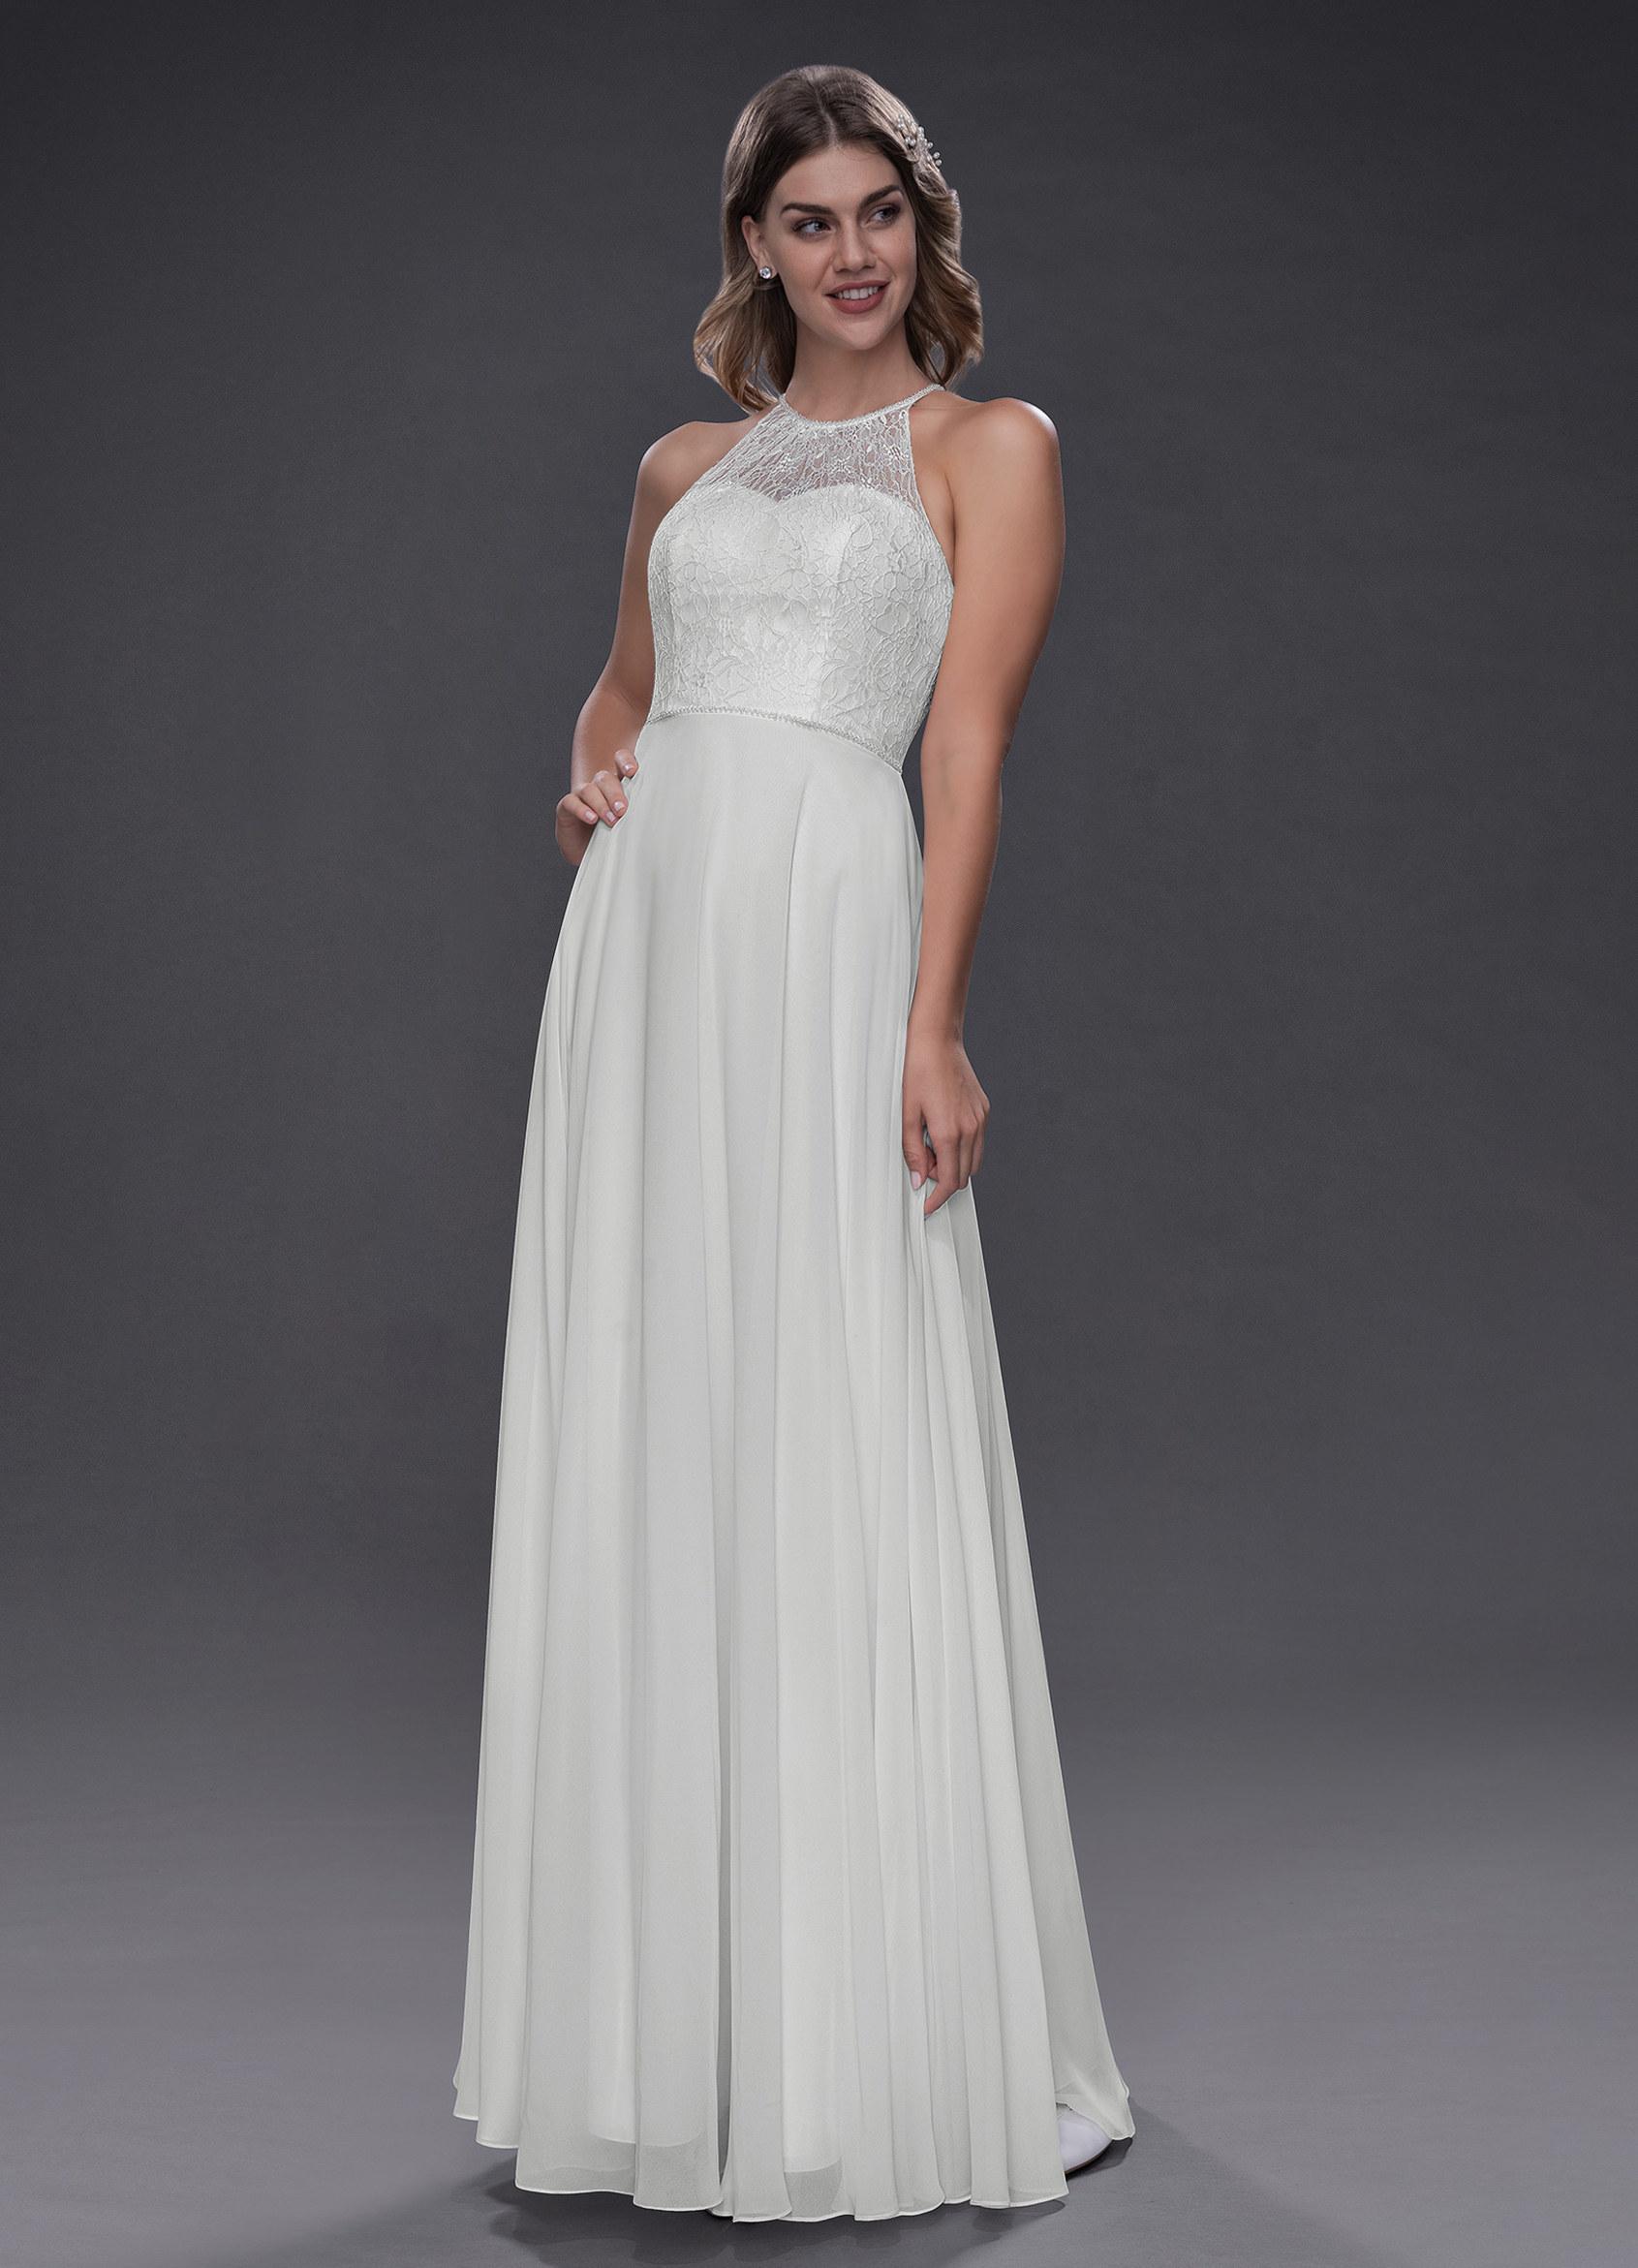 Gwendolyn Bg Sample Dress